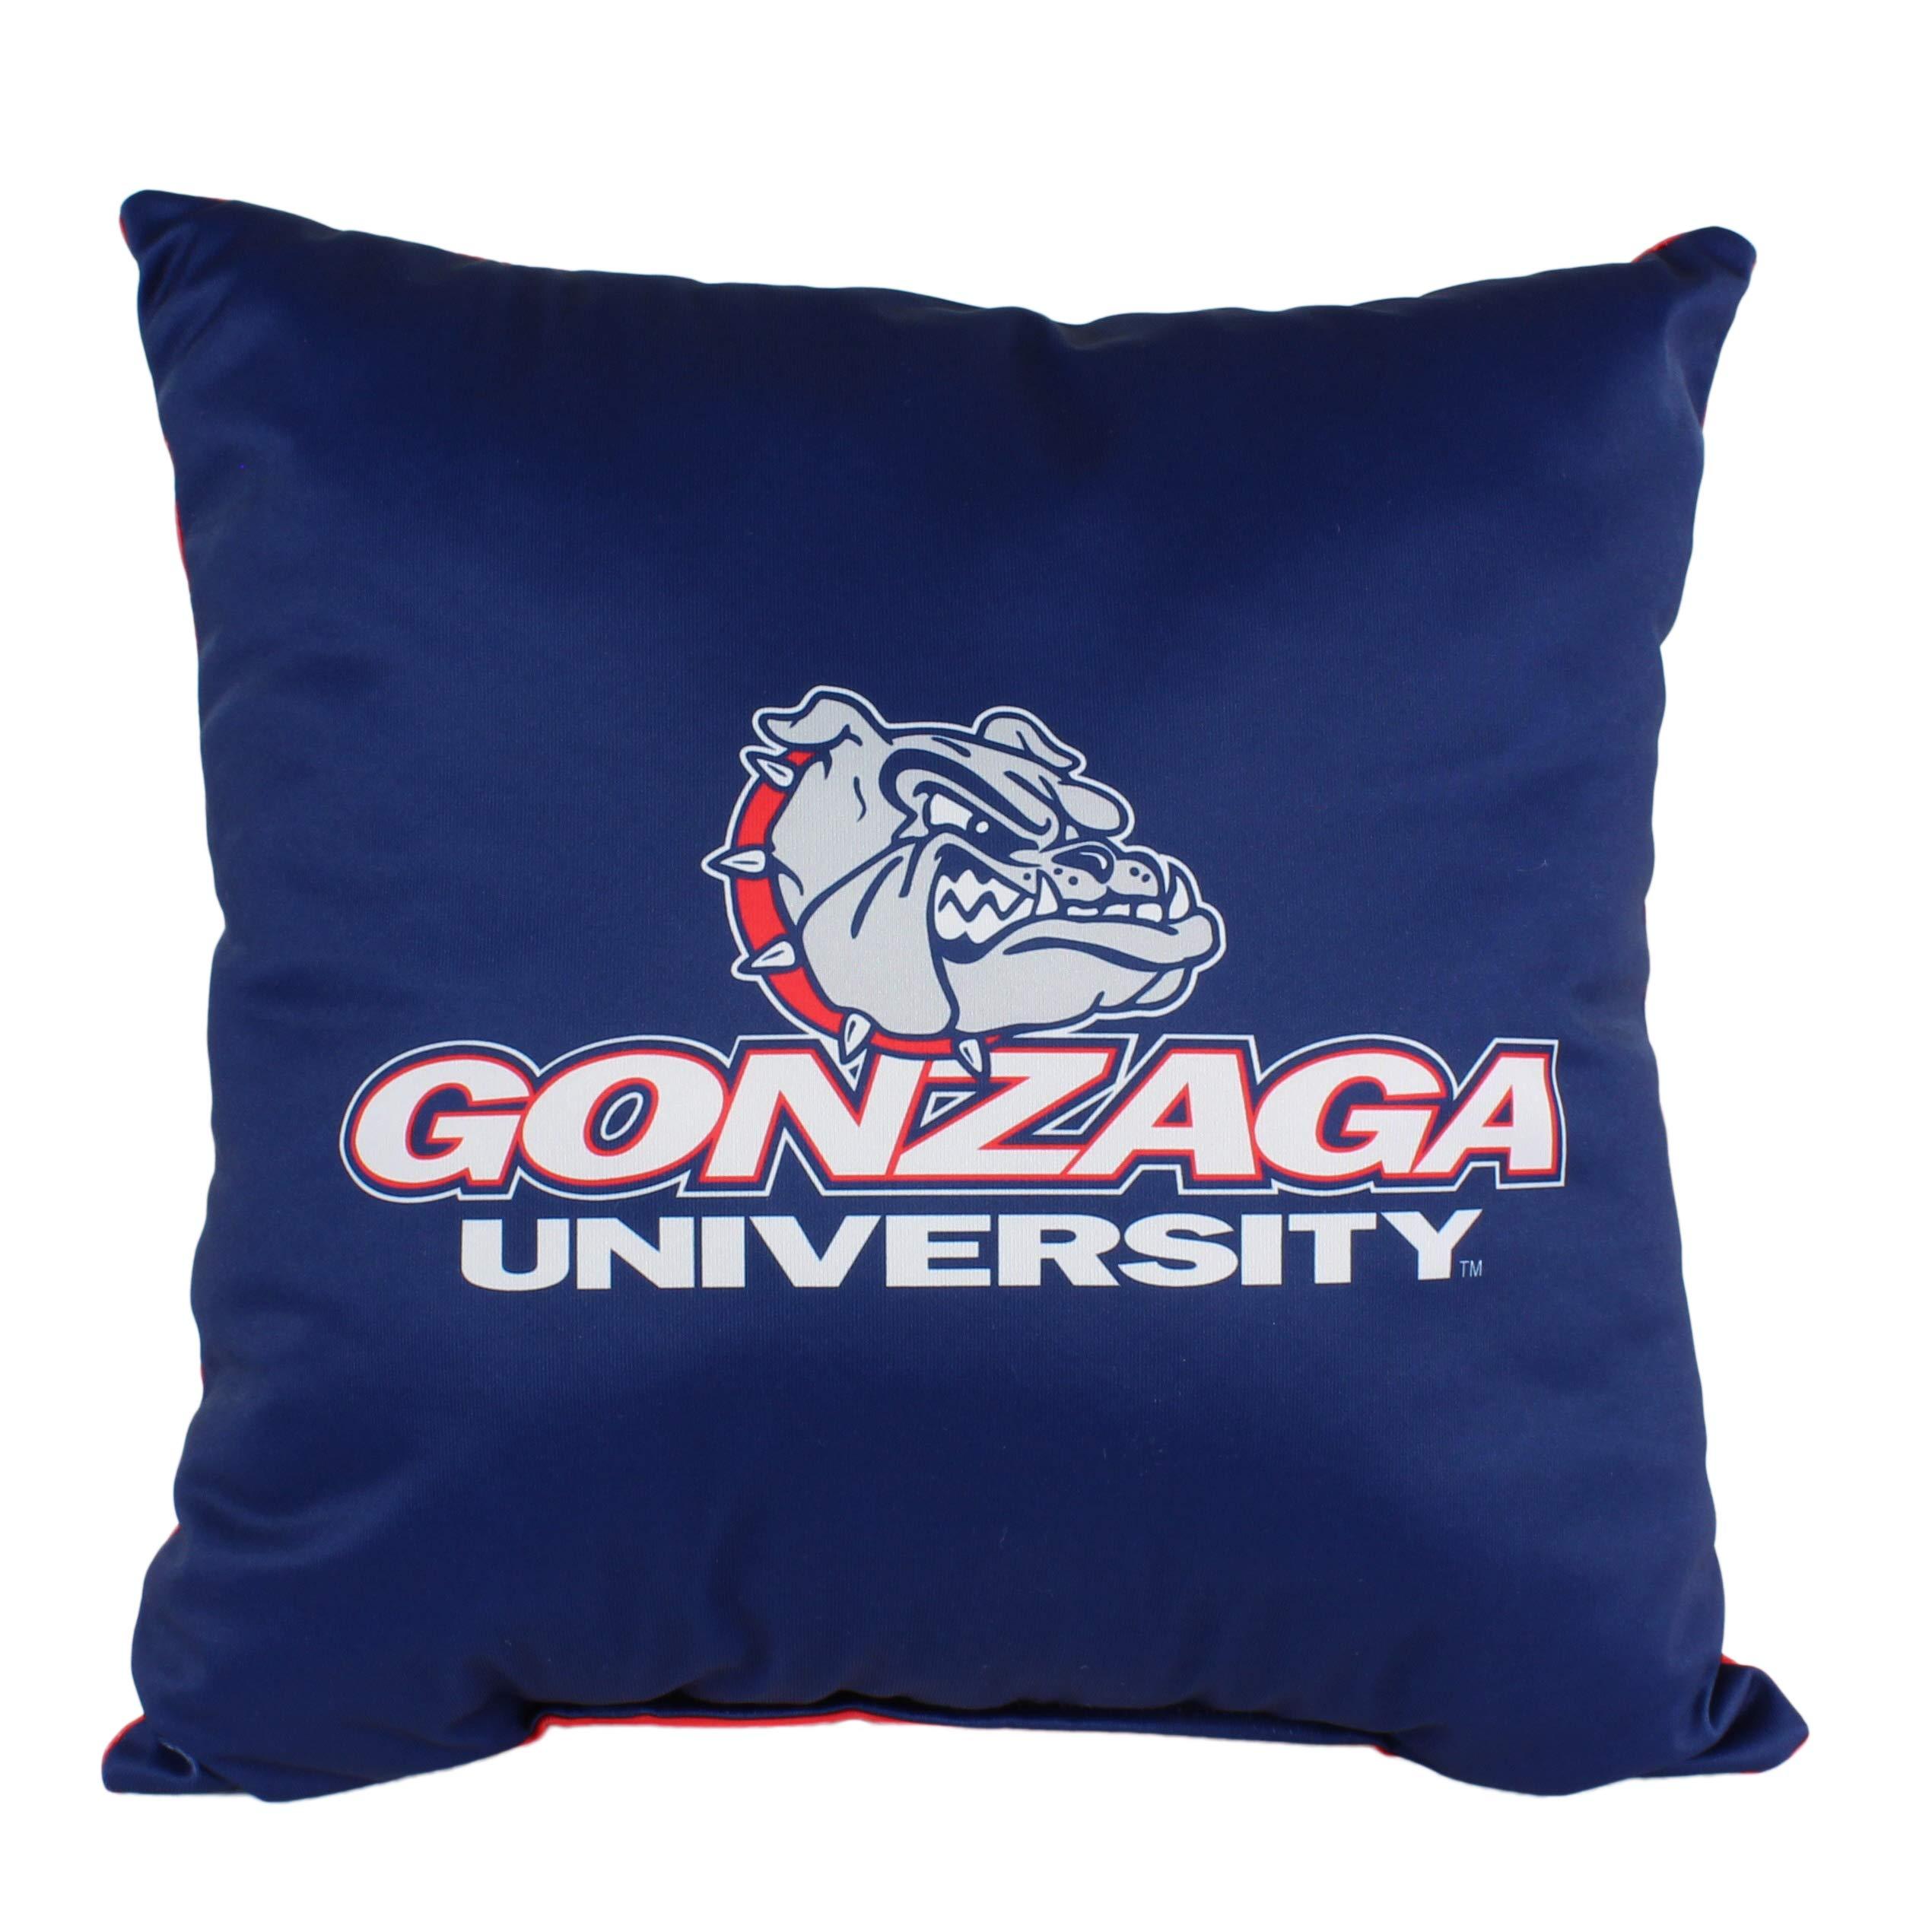 College Covers 16'' x 16'' Decorative Pillow, Gonzaga Bulldogs